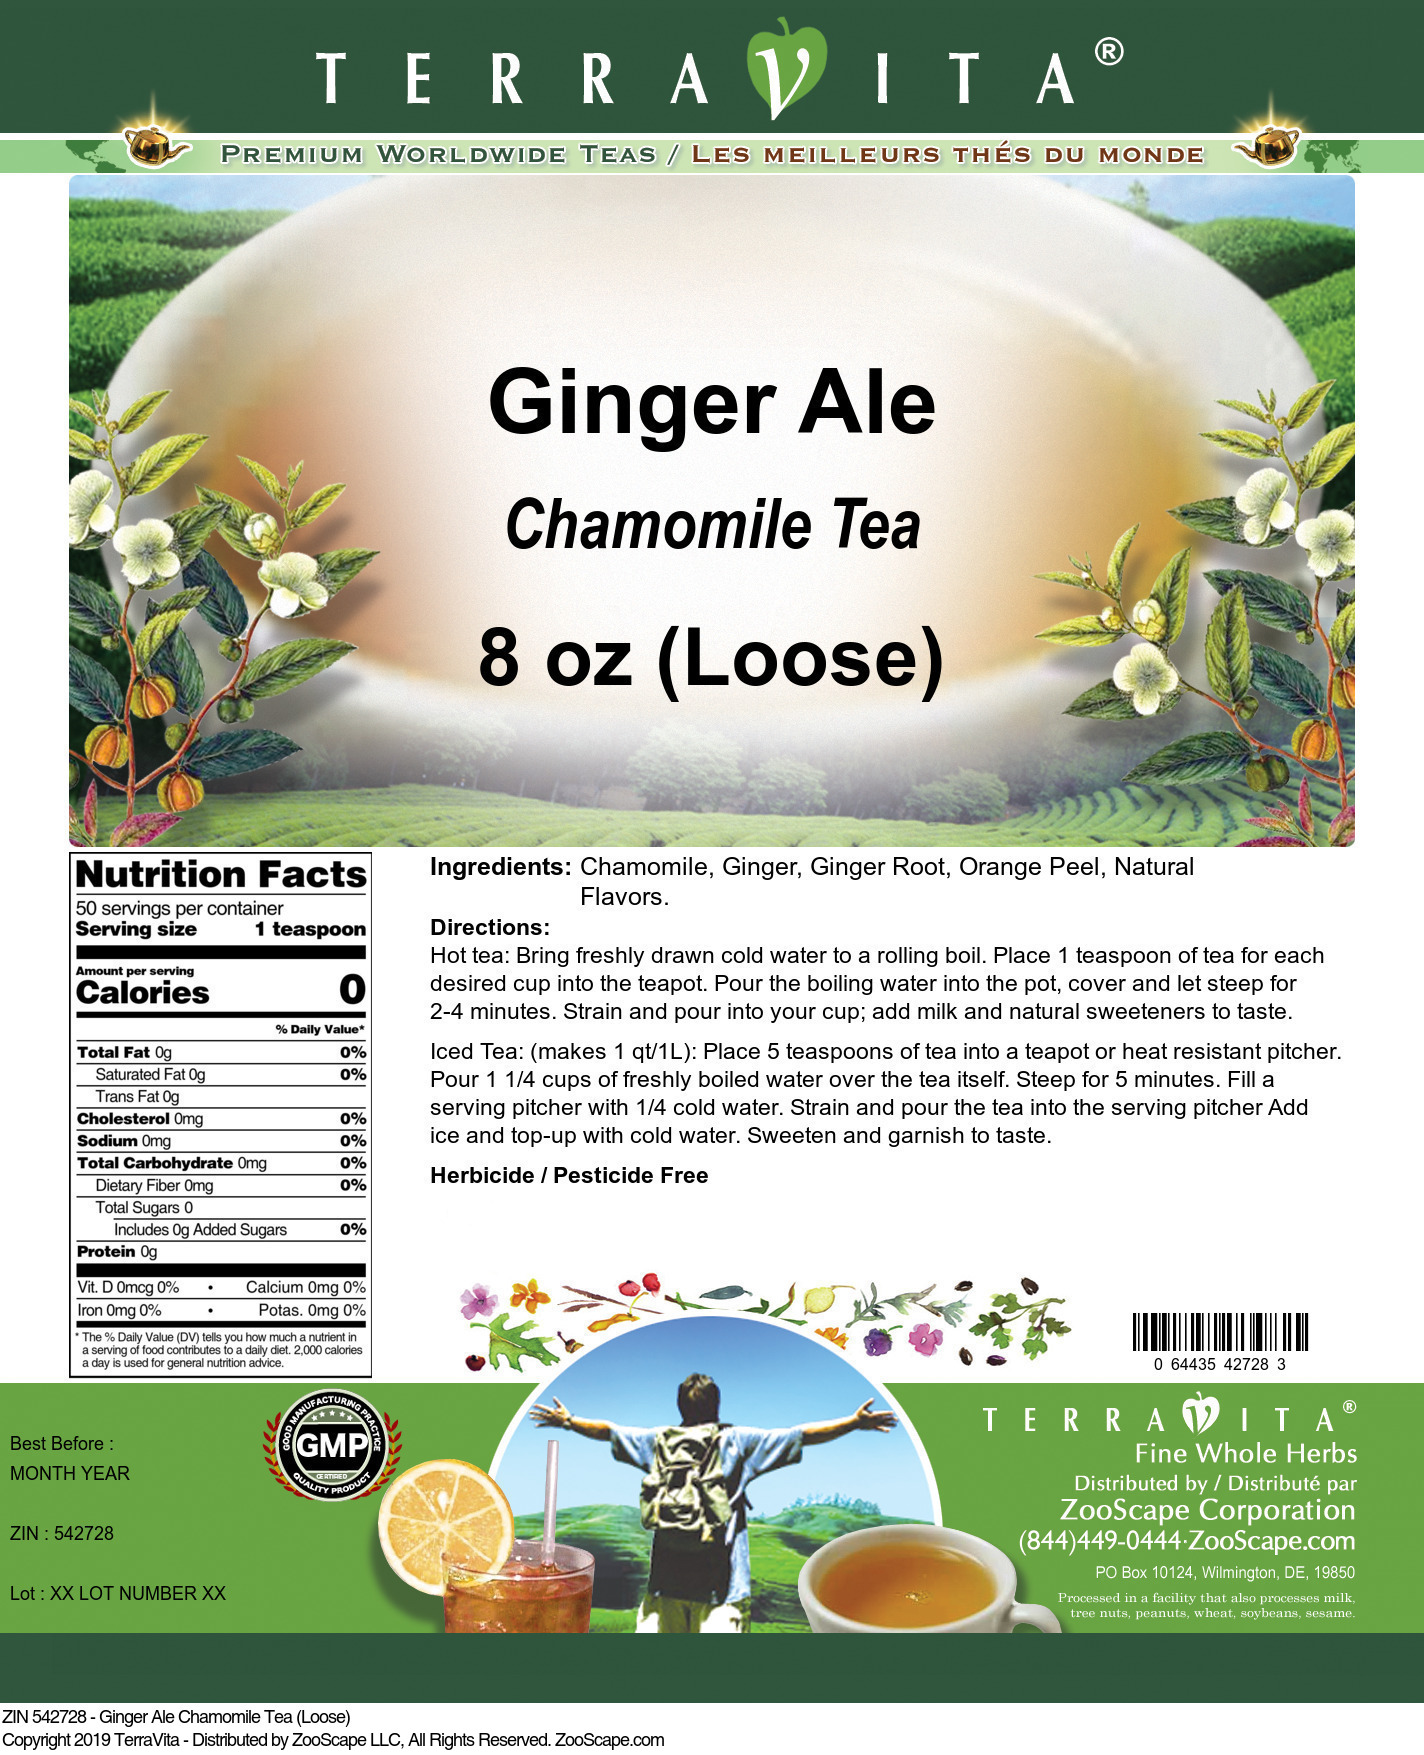 Ginger Ale Chamomile Tea (Loose)